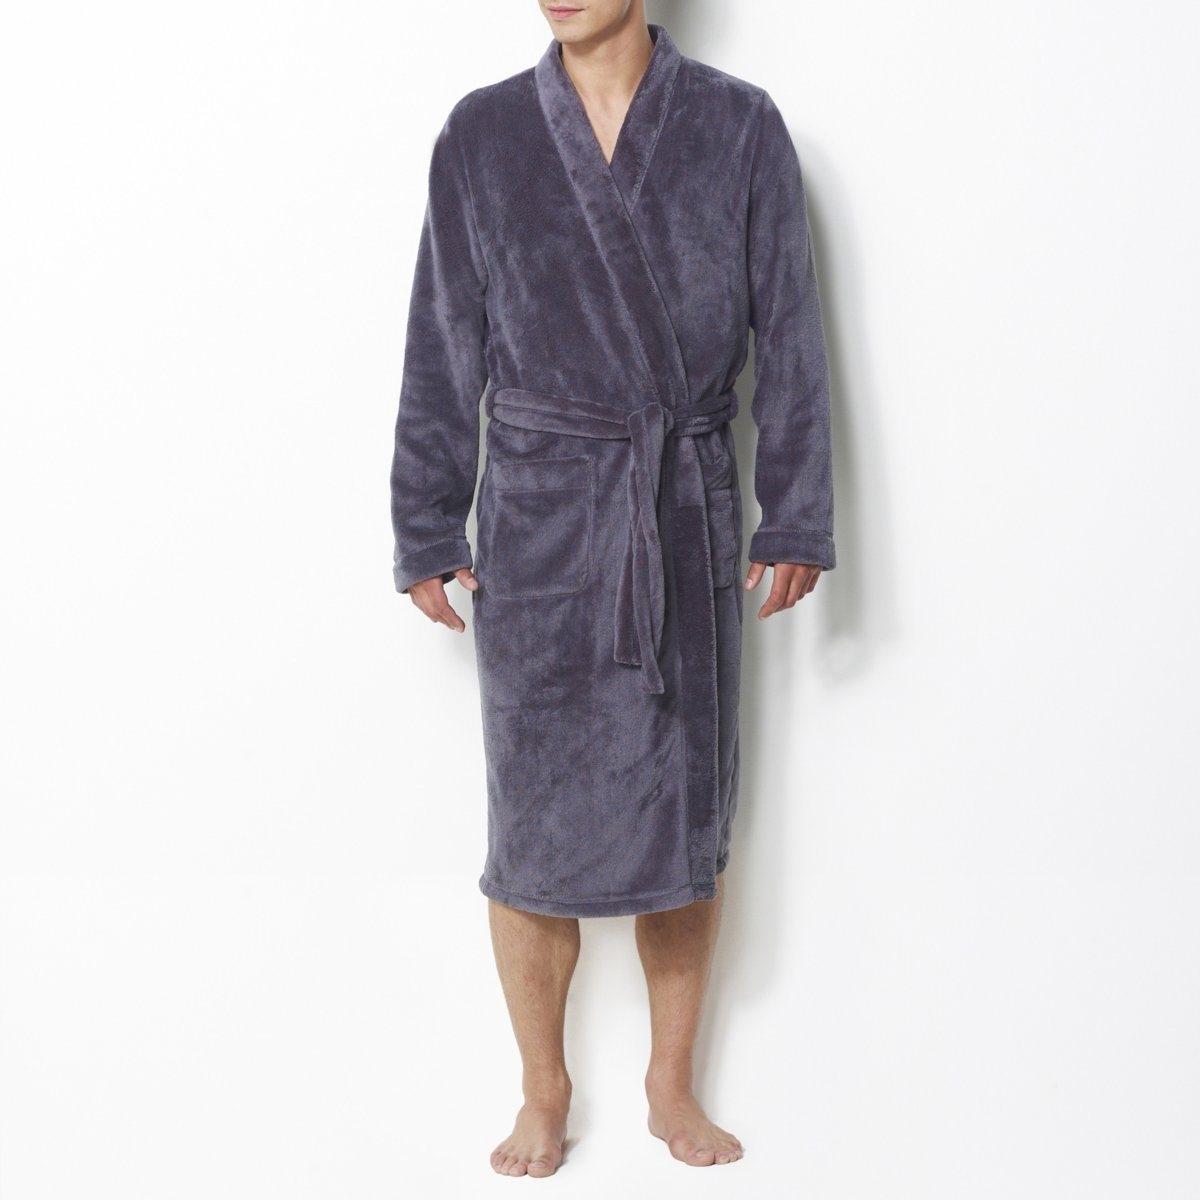 Халат, длина 120 смУльтрамягкий флис, 100% полиэстера. Воротник-кимоно. 2 кармана спереди. Пояс с завязками в шлевках. Длина 120 см: ниже коленей.<br><br>Цвет: серый,синий морской<br>Размер: L.XL.XXL.L